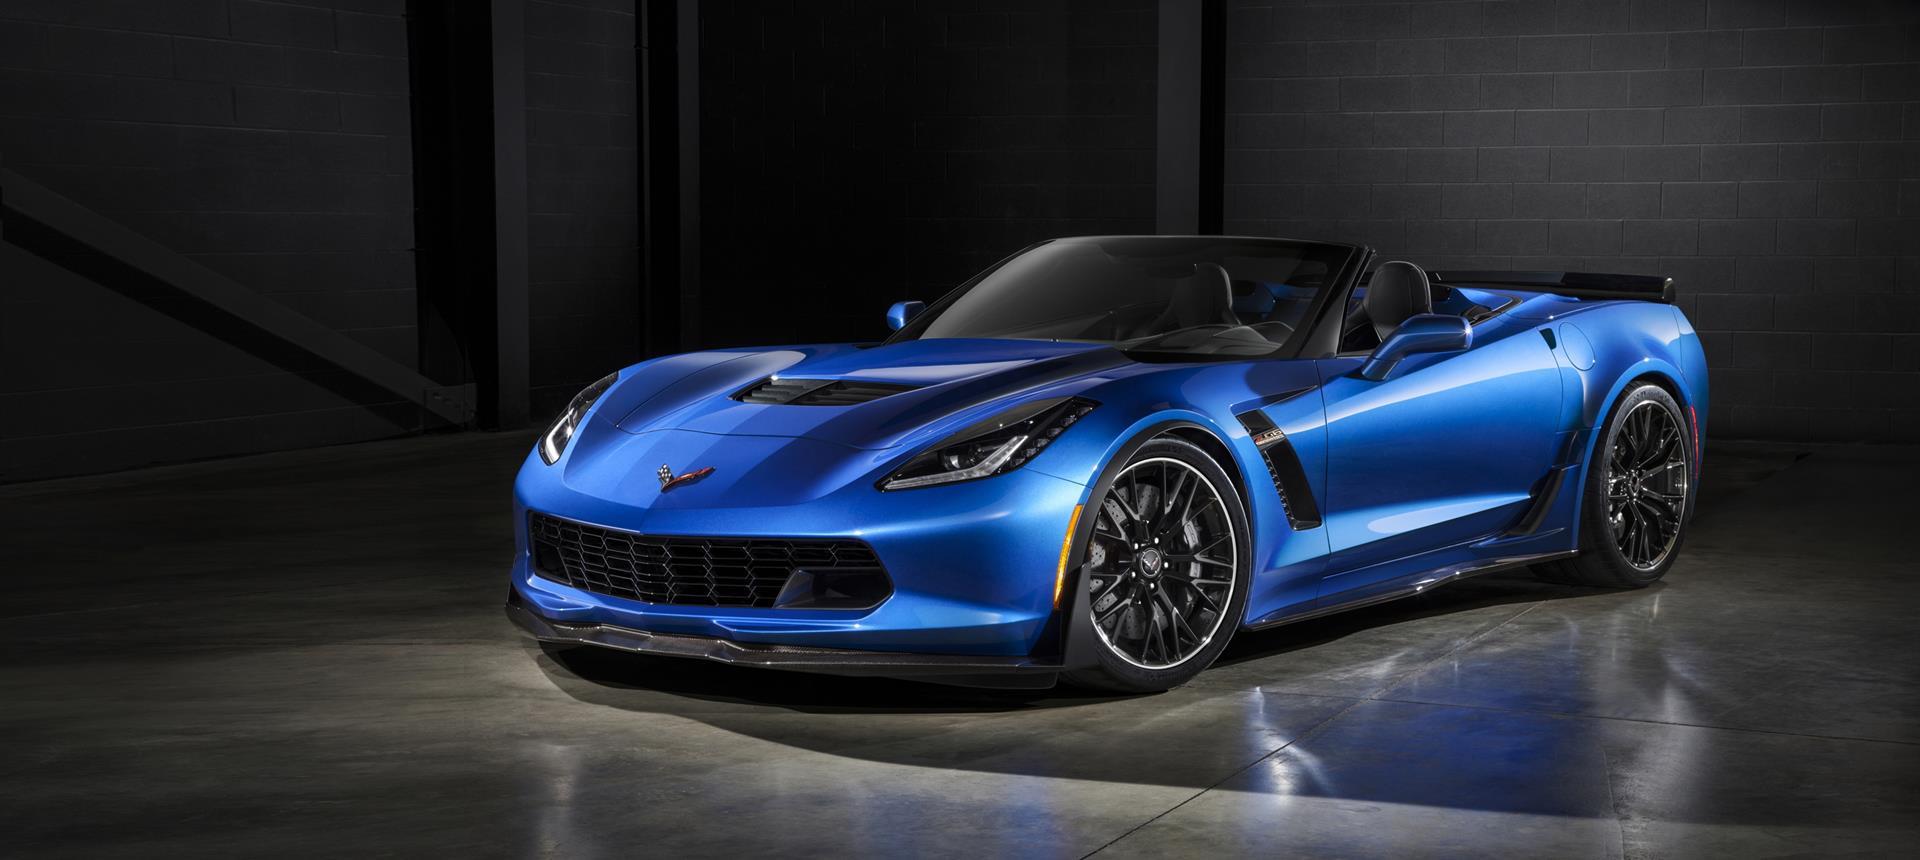 2015 Chevrolet Corvette Z06 Concept Parts News and Information